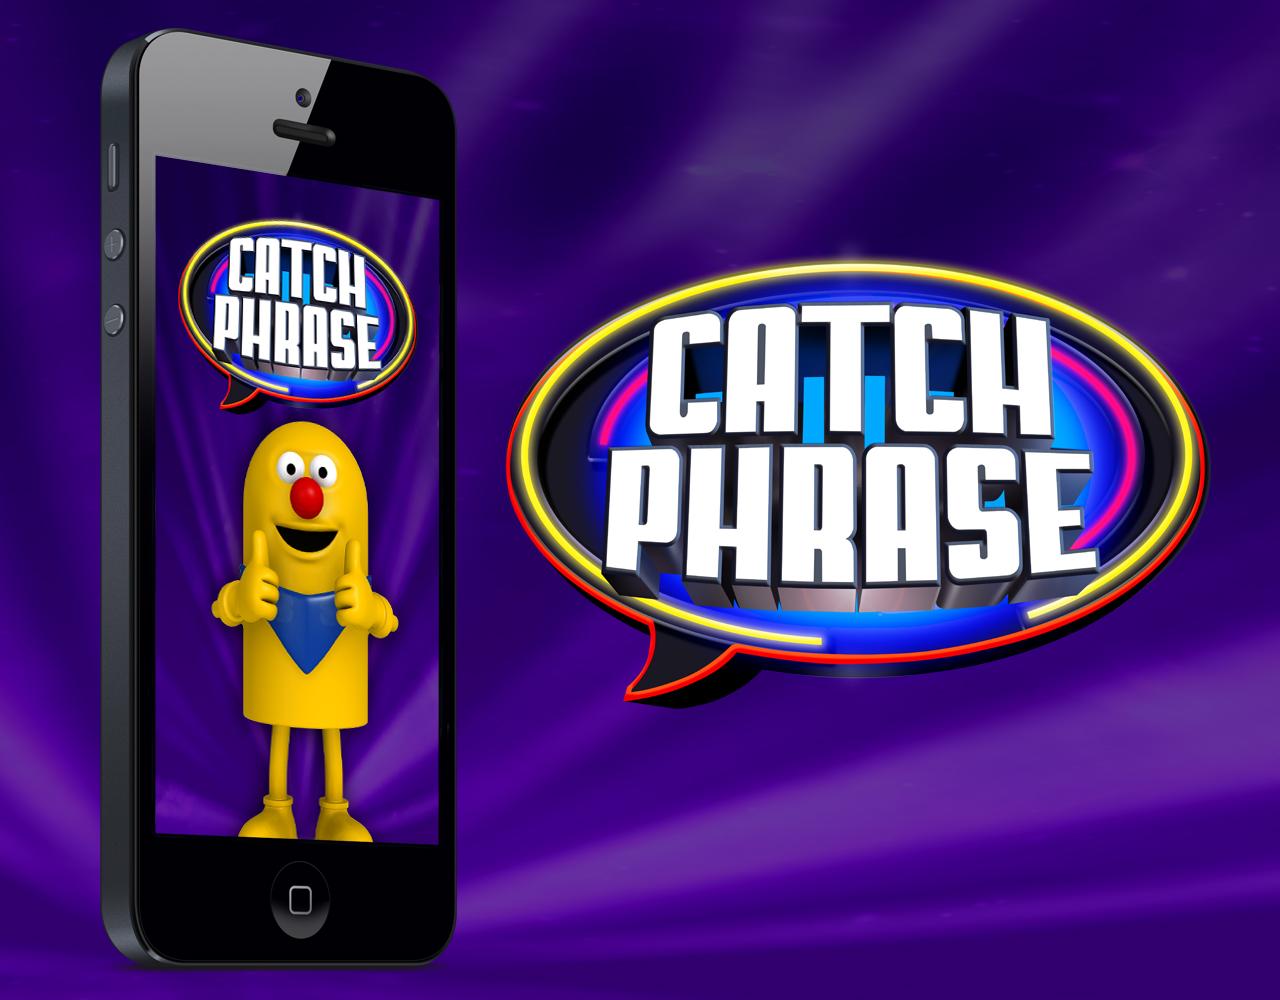 Catch Phrase App[1]